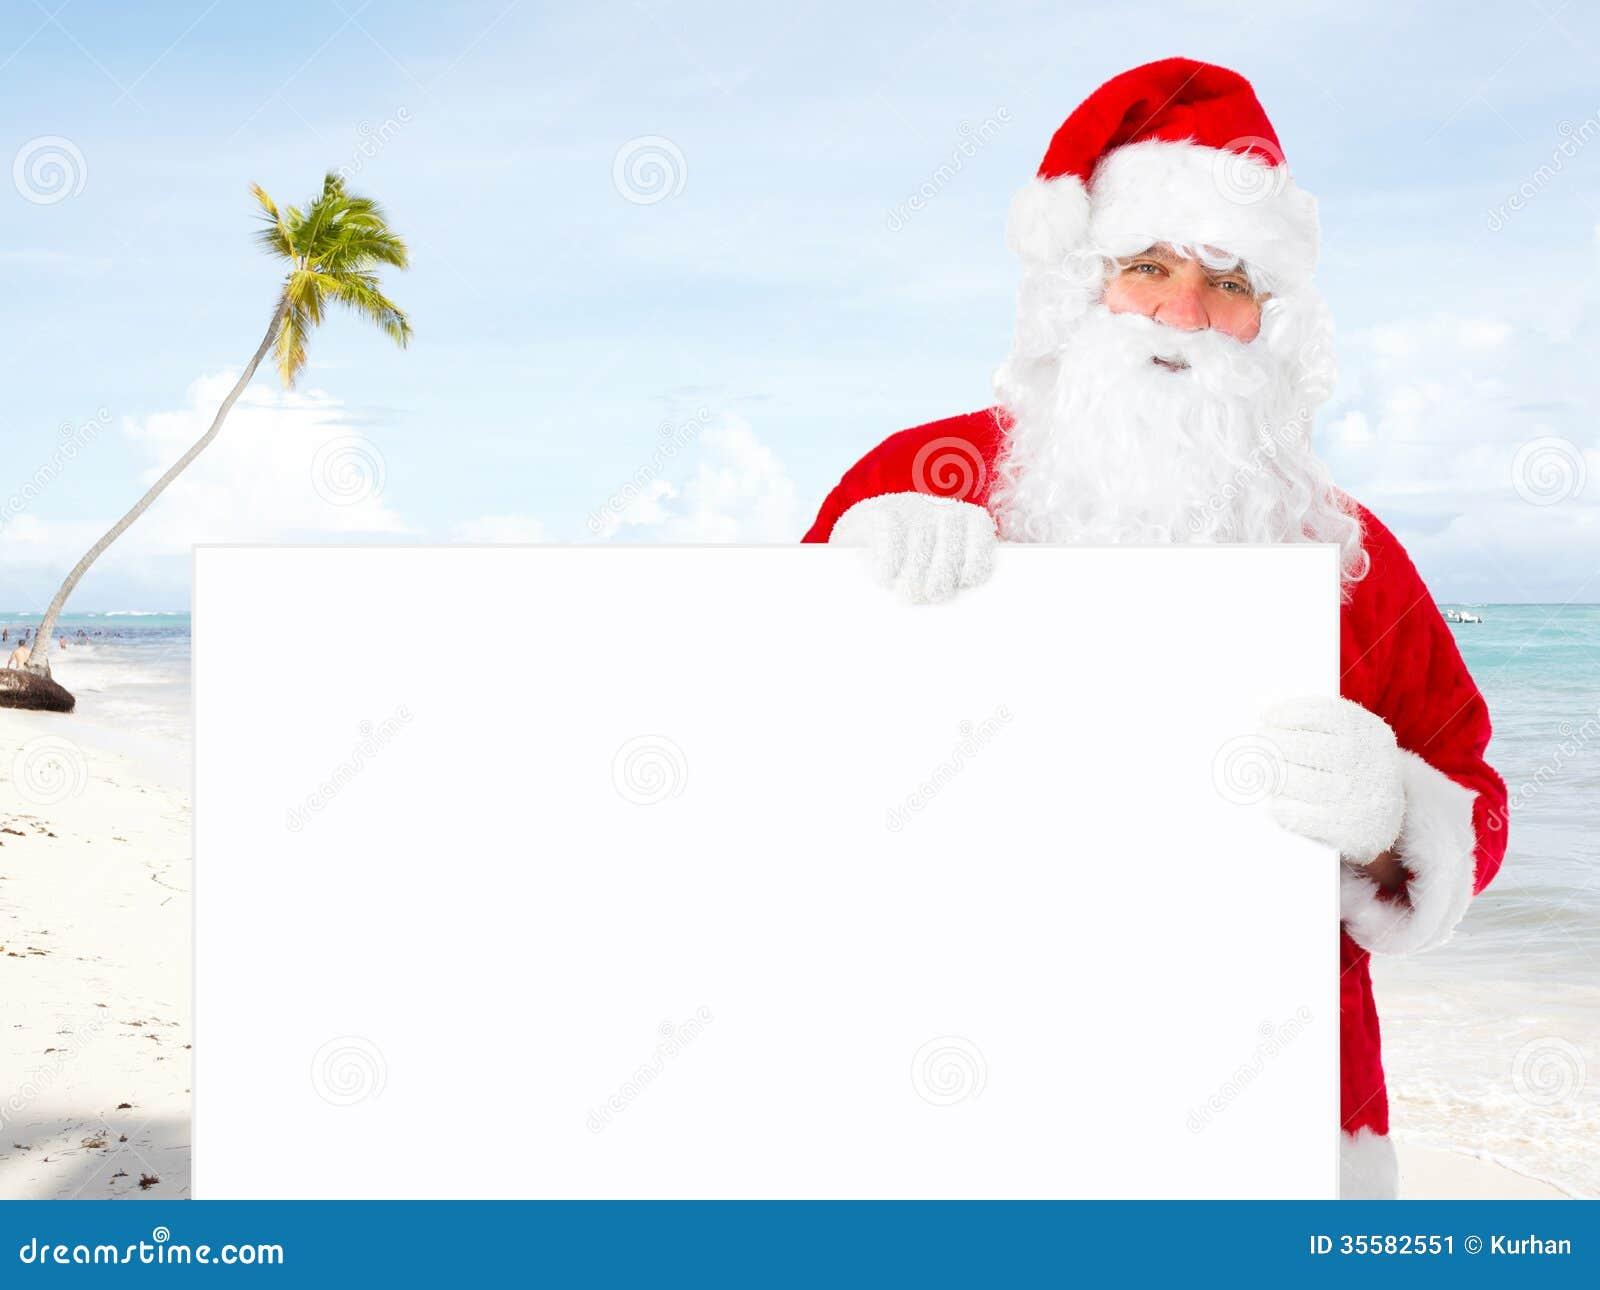 Weihnachtsmann mit Fahne